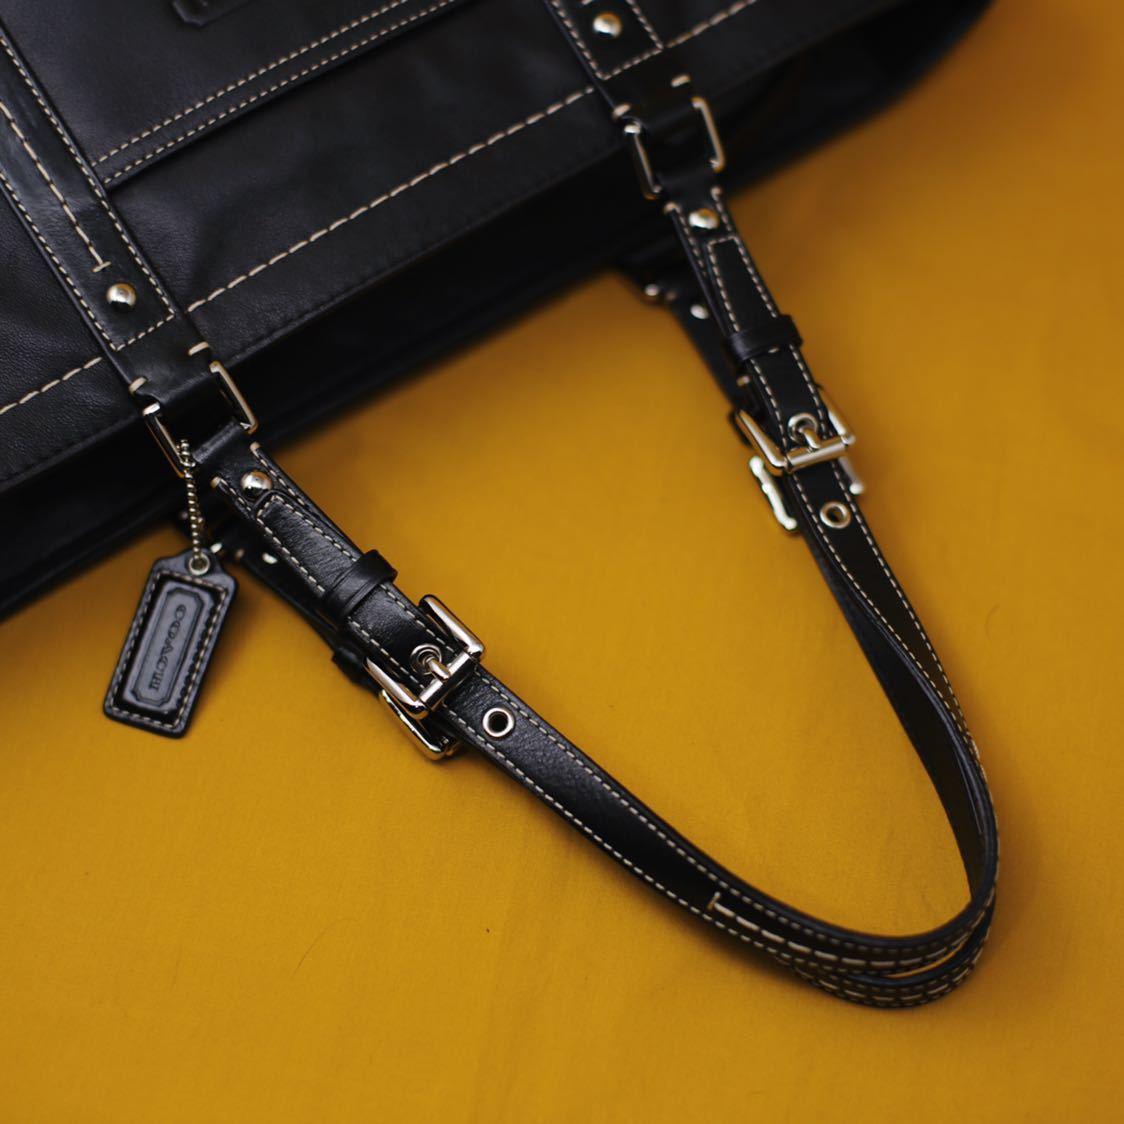 未使用品 美品 コーチ COACH トートバッグ バッグ ビジネスバッグ 黒 ブラック レザー メンズバッグ 革 14万 オールドコーチ ビンテージ _画像7